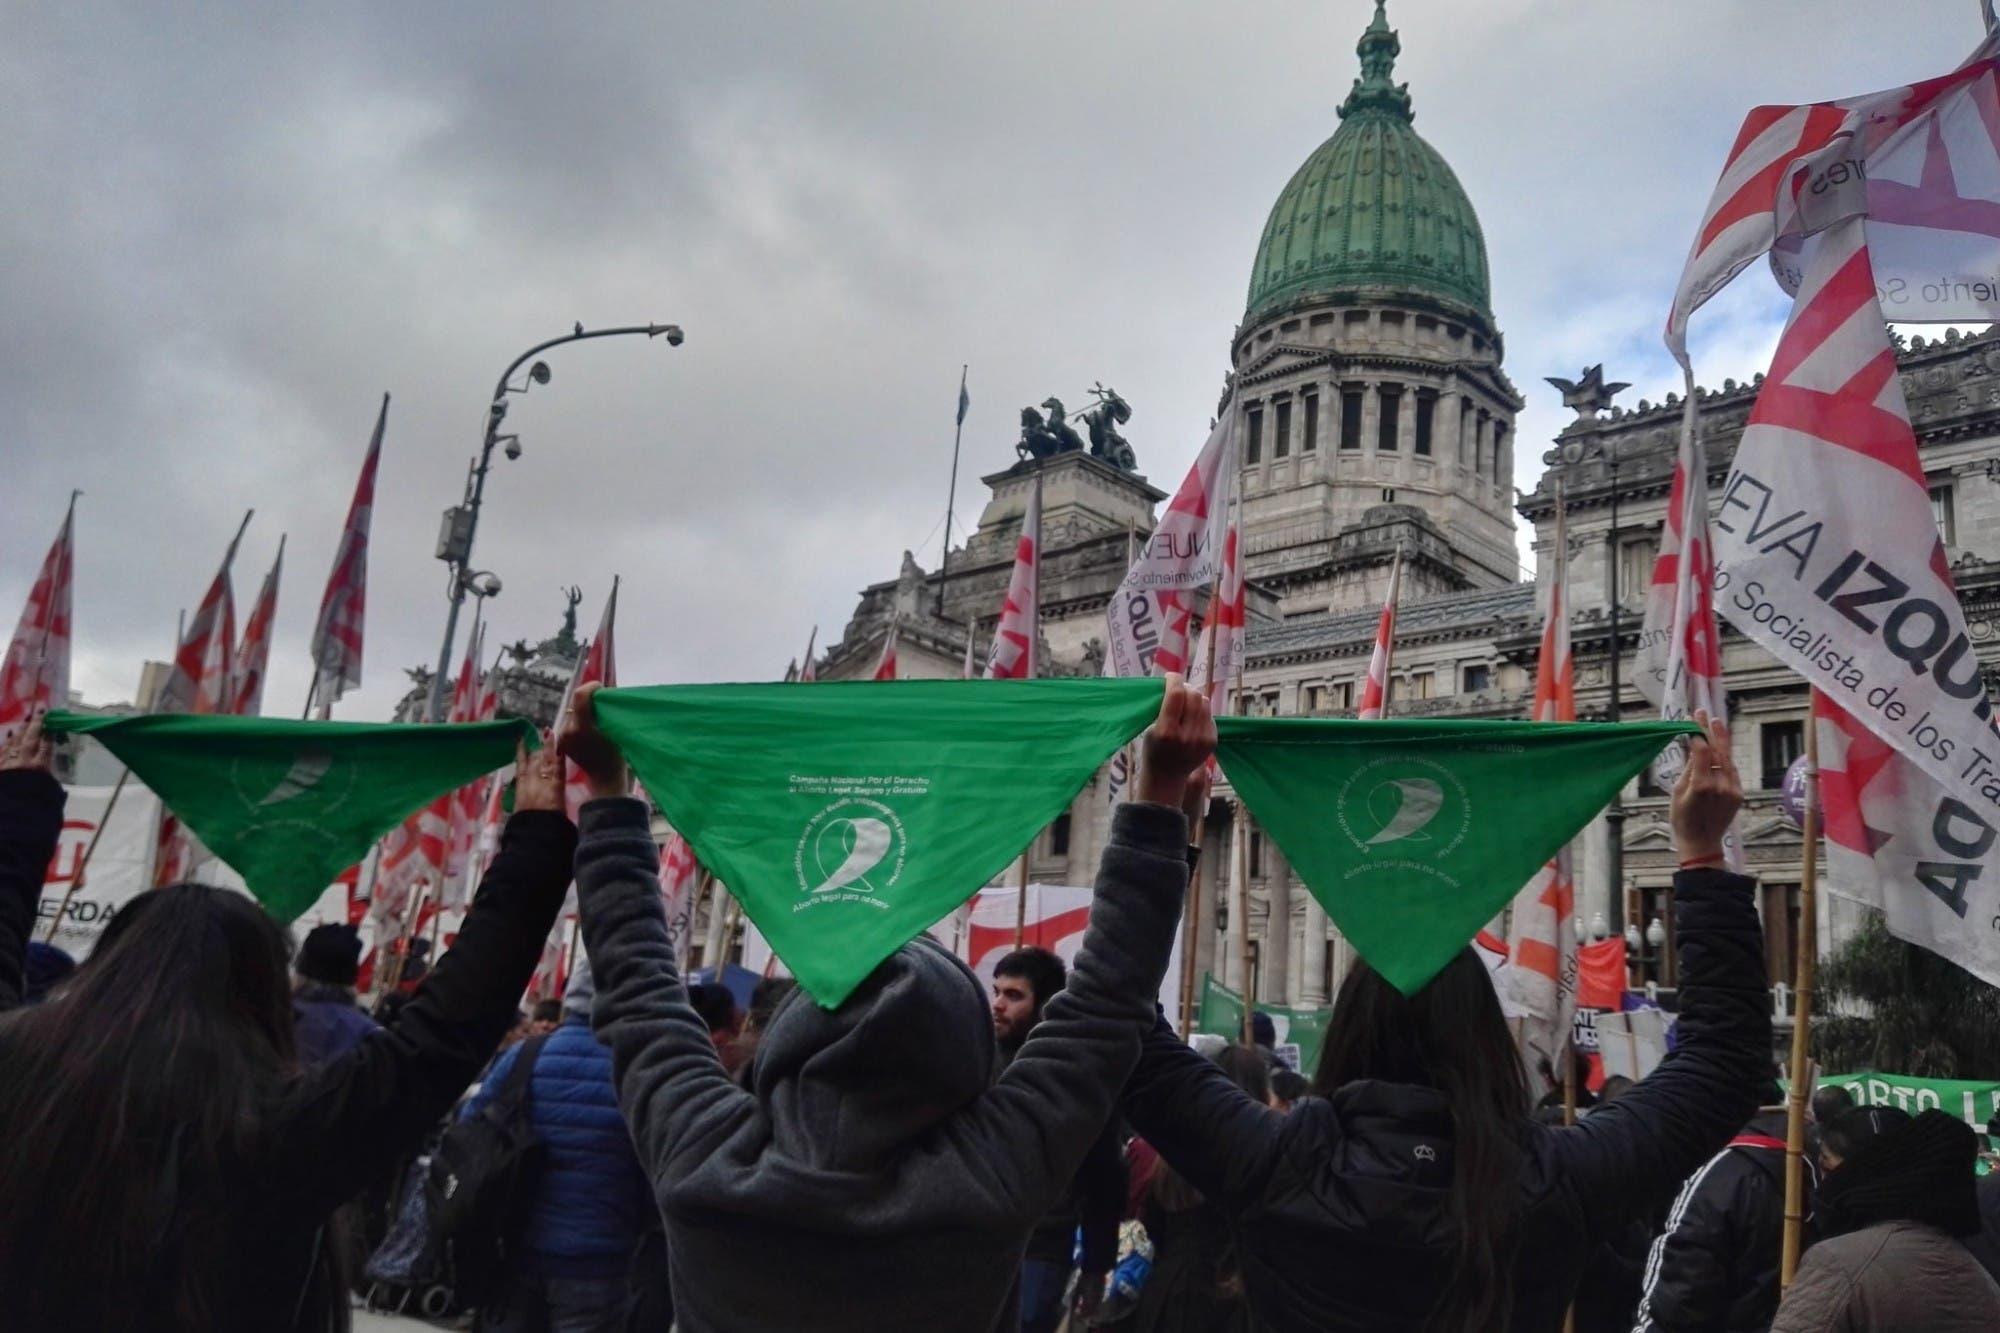 Alberto Fernández irá a la exESMA en el aniversario de su gobierno, durante el debate sobre el aborto legal